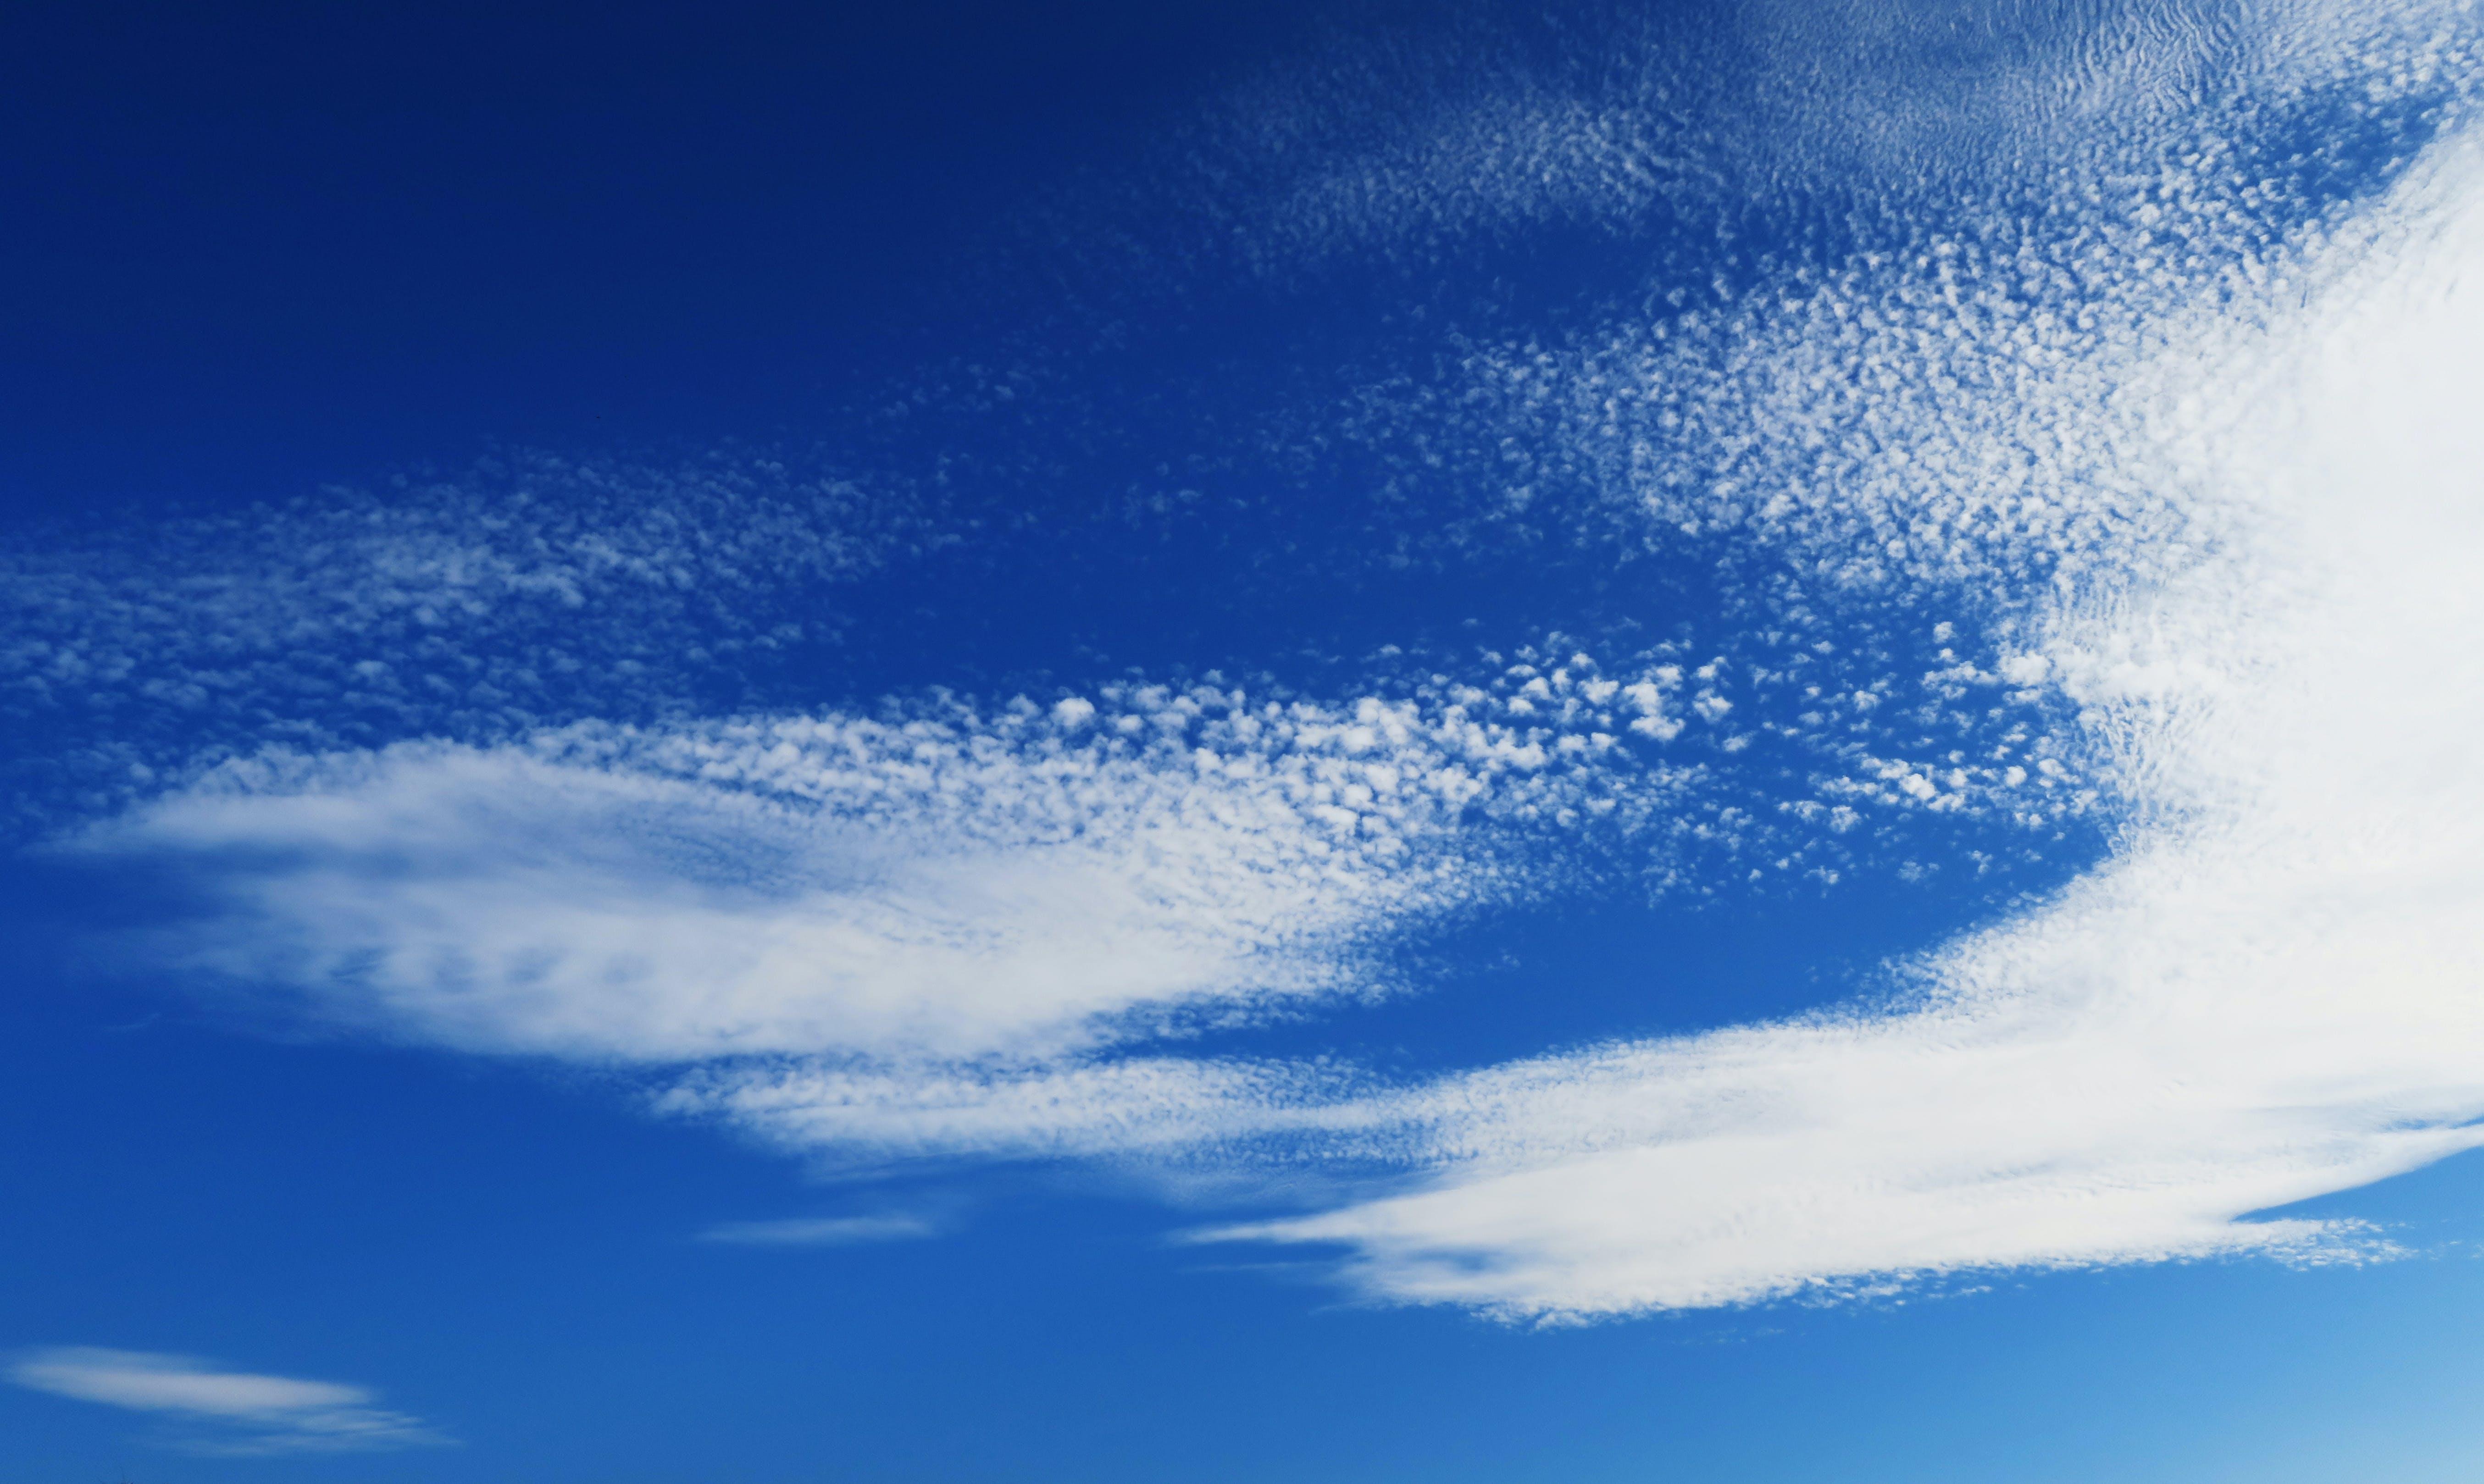 Fotos de stock gratuitas de azul, blanco, cielo, cielo azul